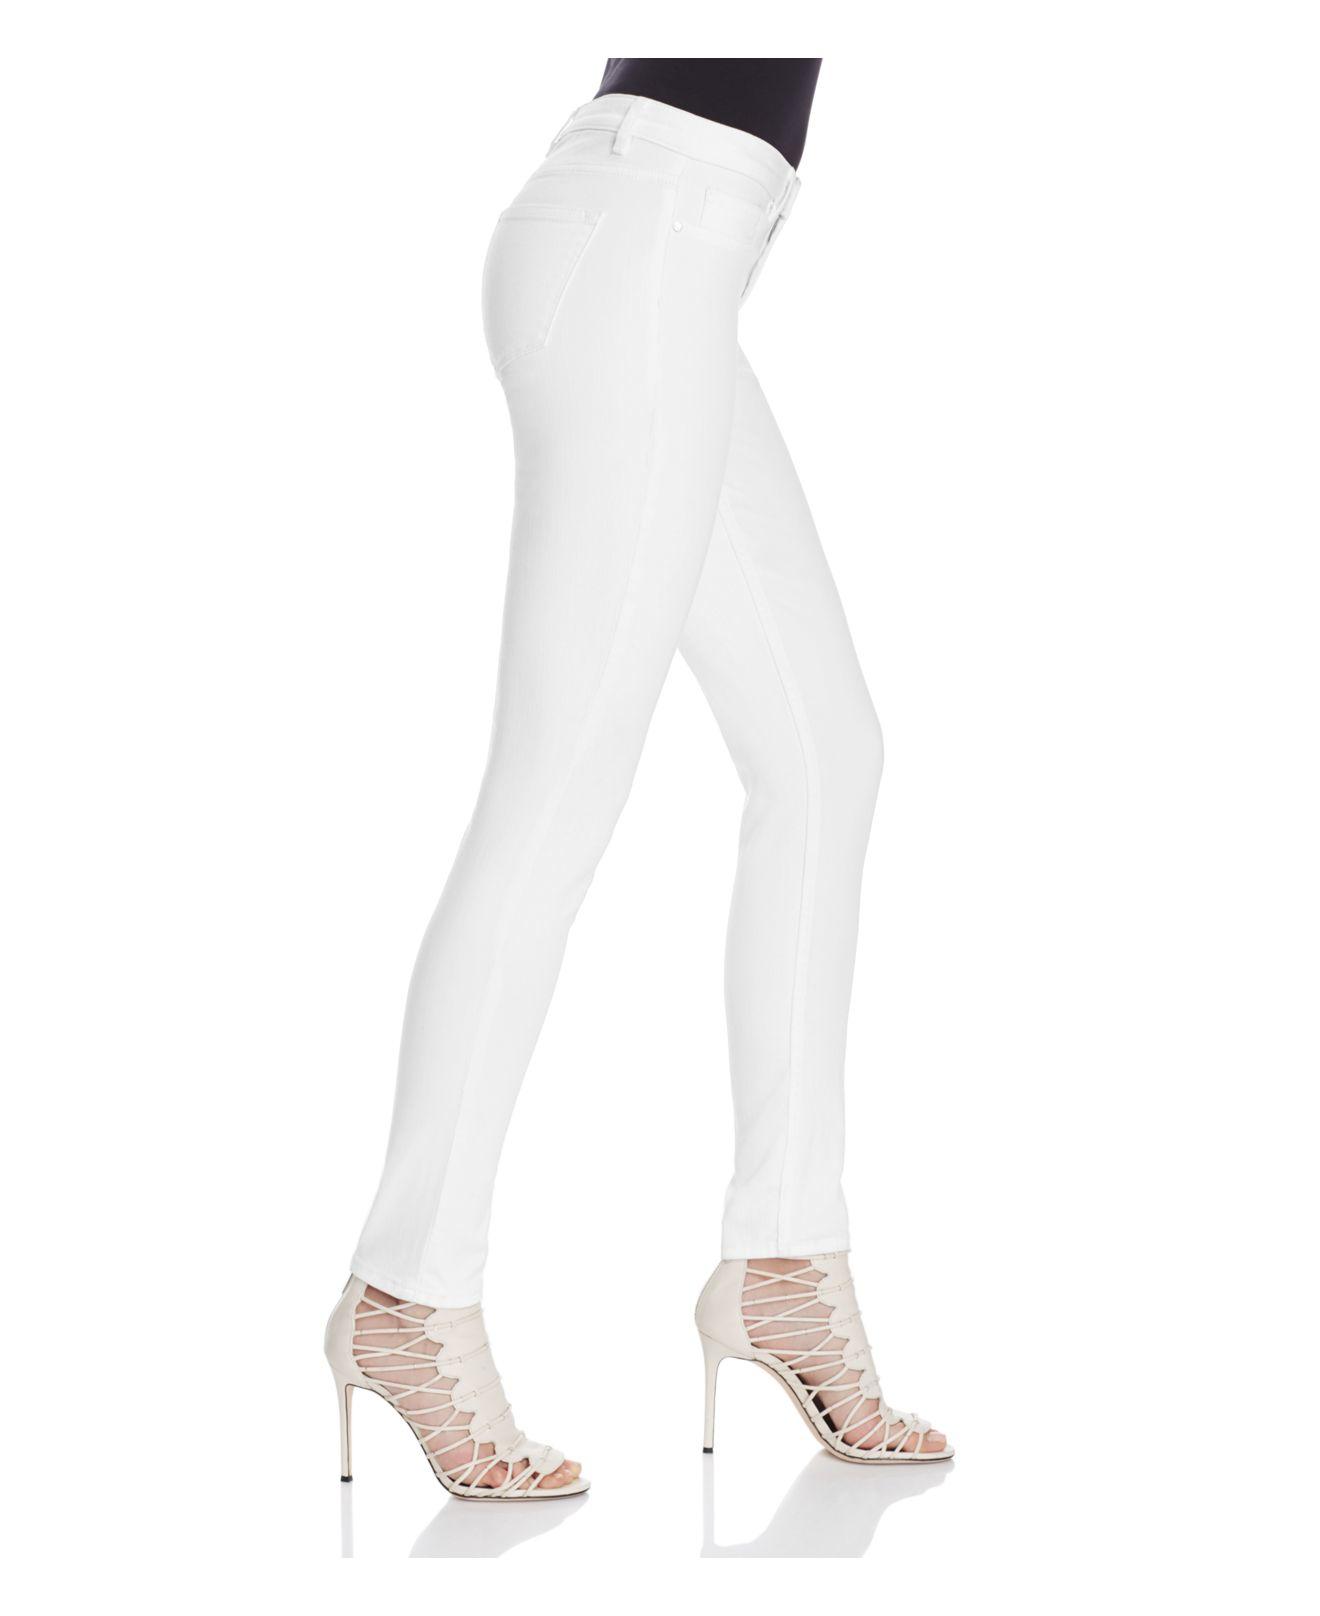 Elie Tahari Denim Azella Skinny Jeans In White